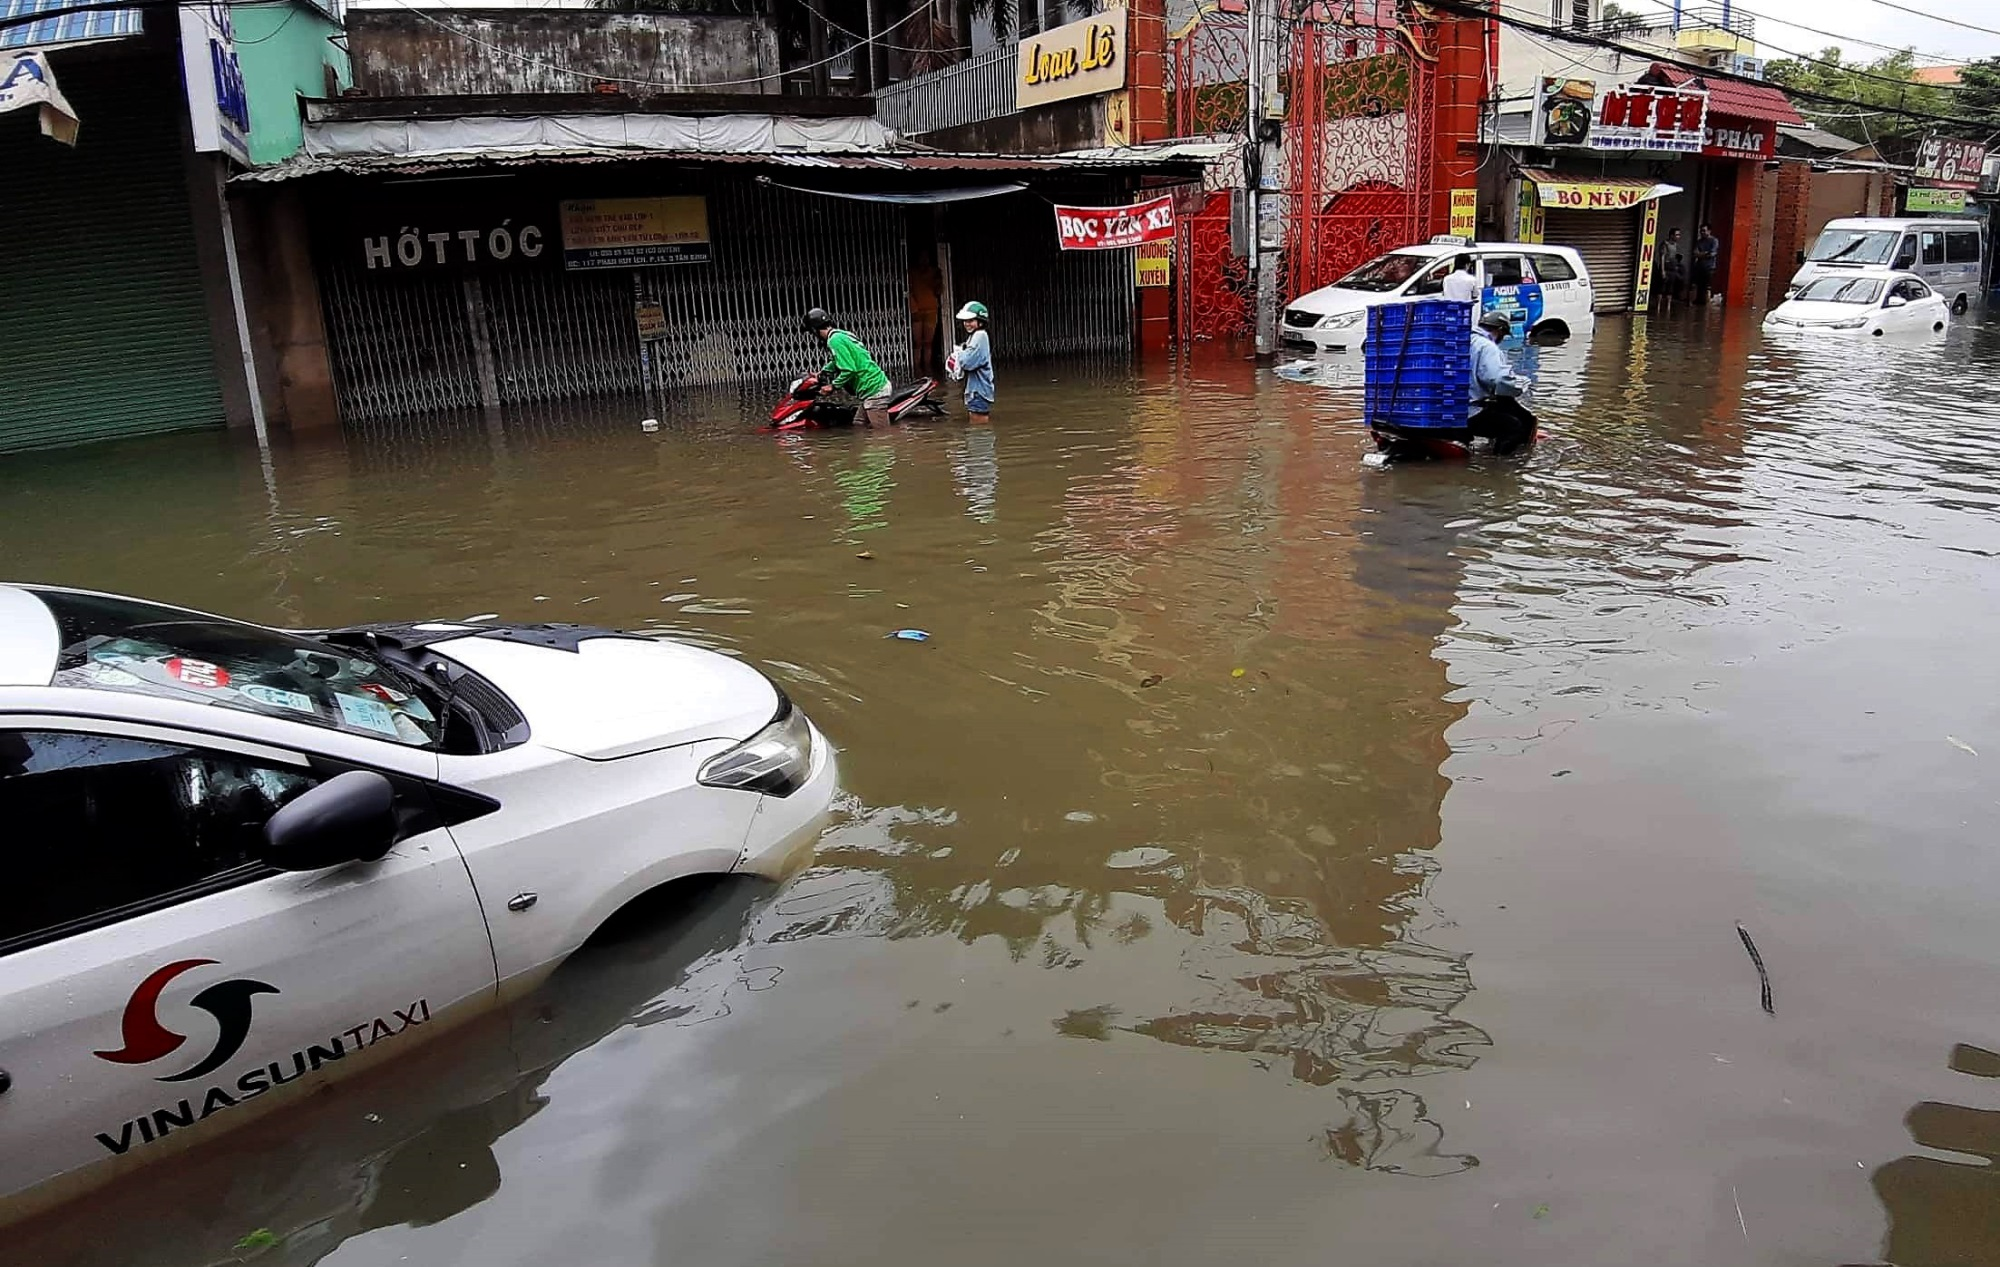 Sau một đêm tơi tả trong bão lịch sử, người Sài Gòn tiếp tục thở không ra hơi vì ngập nước kẹt xe nhiều giờ - Ảnh 8